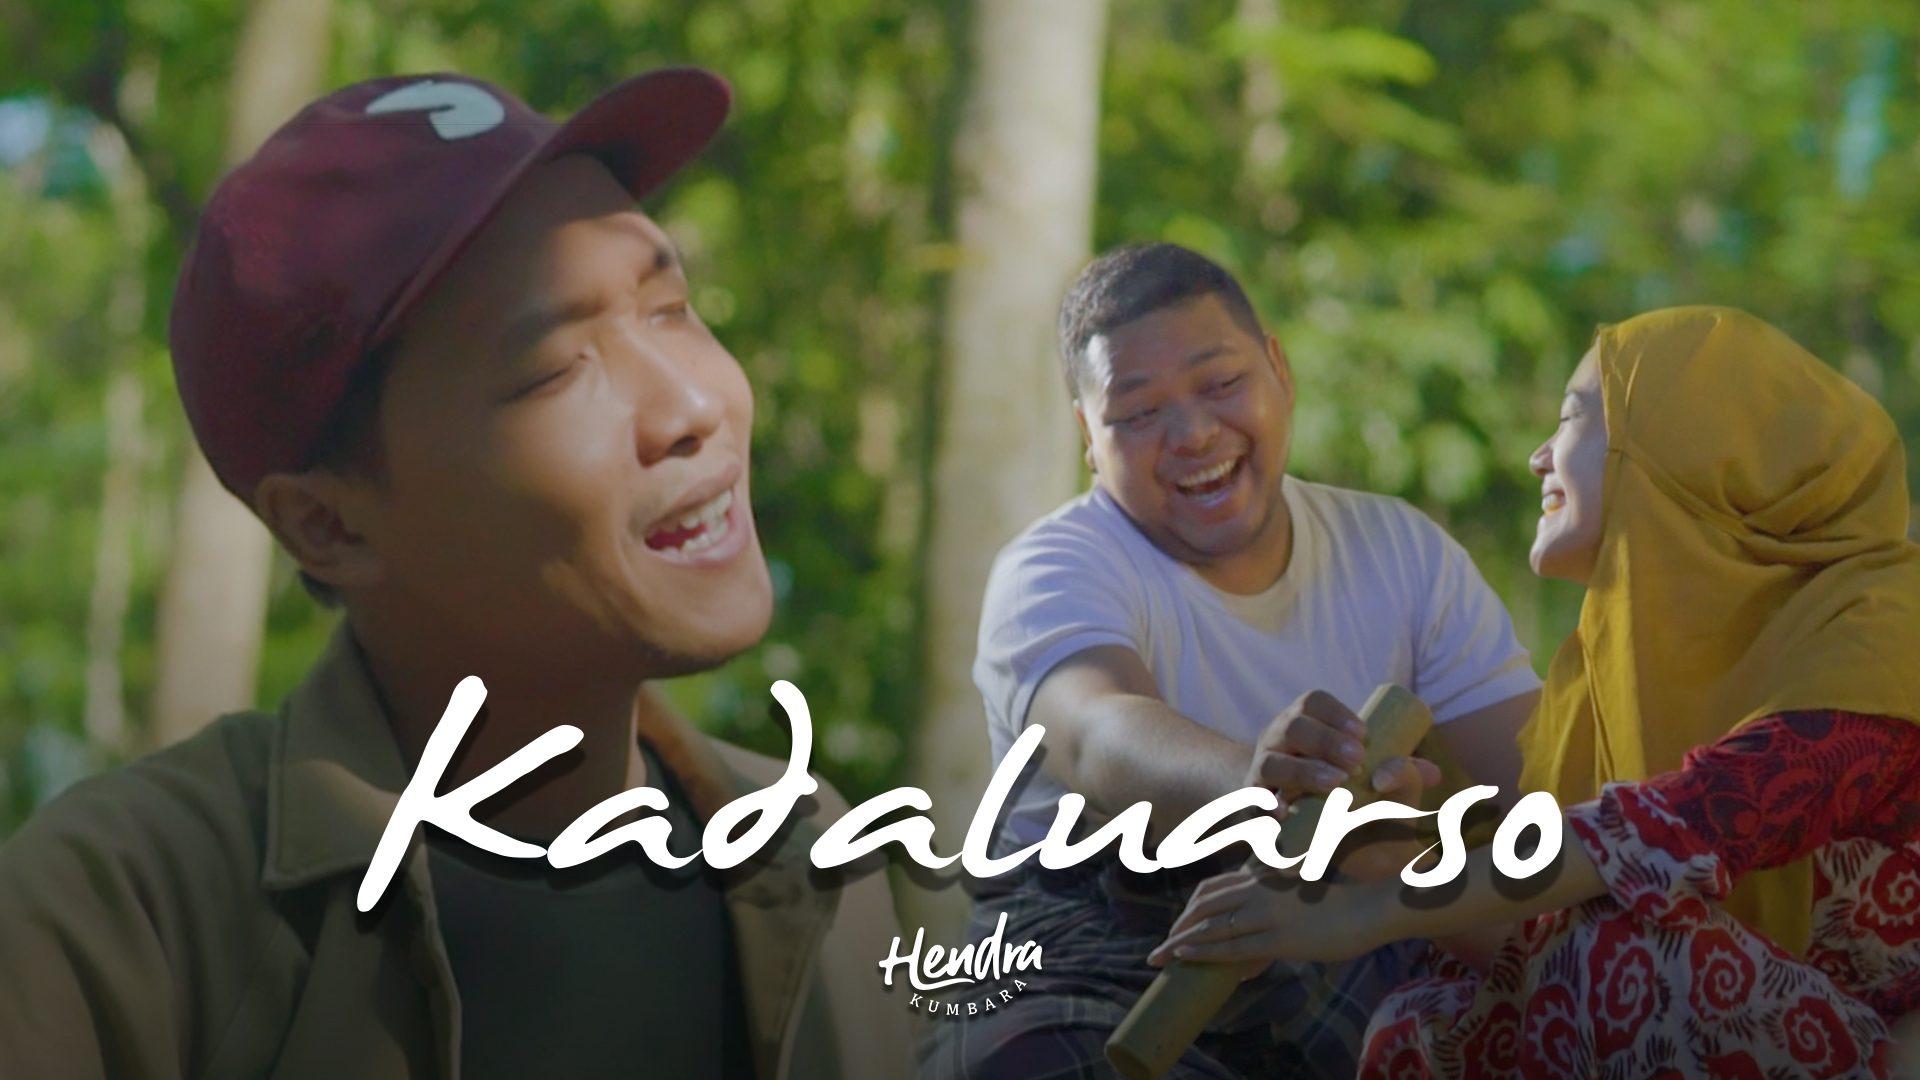 Cover Lagu Kadaluarso Ciptaan Hendra Kumbara yang di rilis tepat pada hari ulang tahunnya 12 Agustus 2021. Dok. Pribadi/LINGKAR.CO